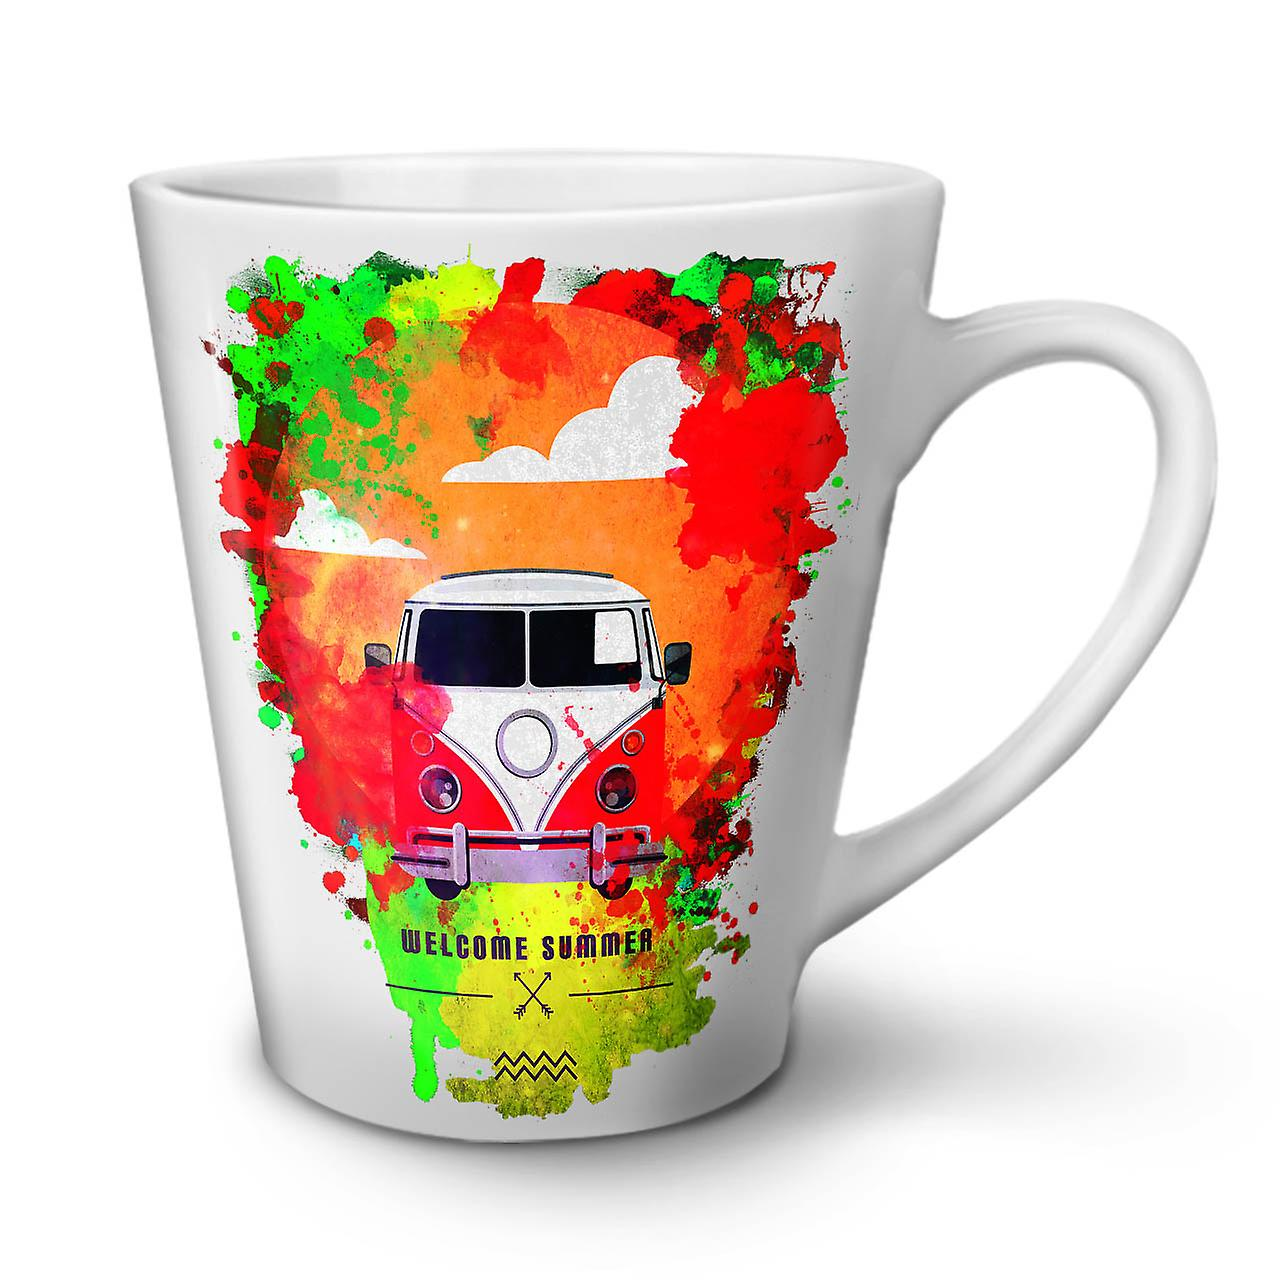 12 Céramique Bienvenue Latte Blanc OzWellcoda Nouveau Vacances Mug Thé Café En mw0N8n